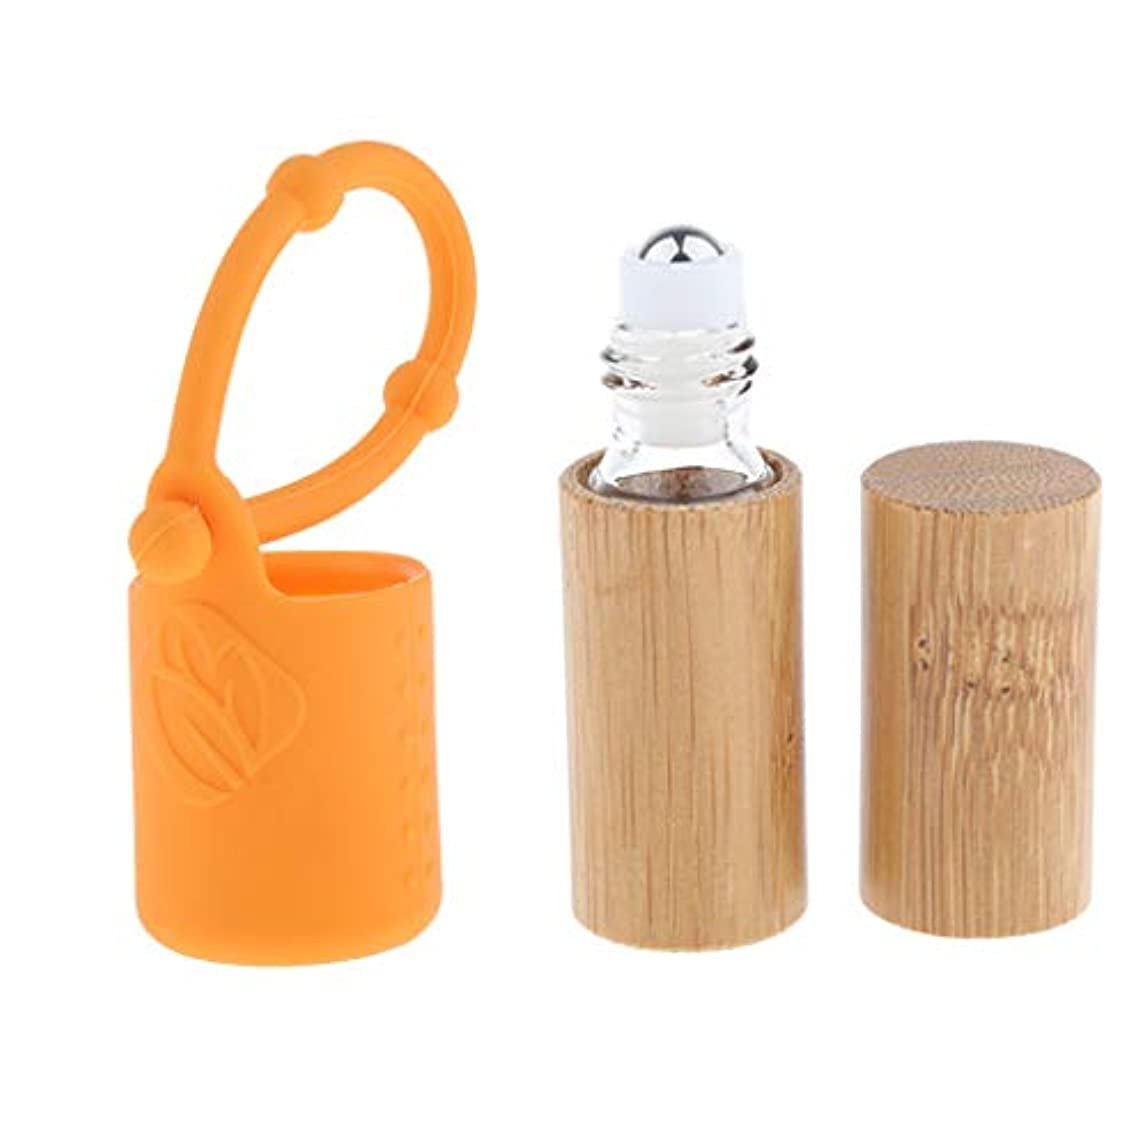 抑制必要クレーターBaoblaze 空のエッセンシャルオイル 精油瓶 香水瓶 竹ボトル 詰め替え カバースリーブ 吊り掛け